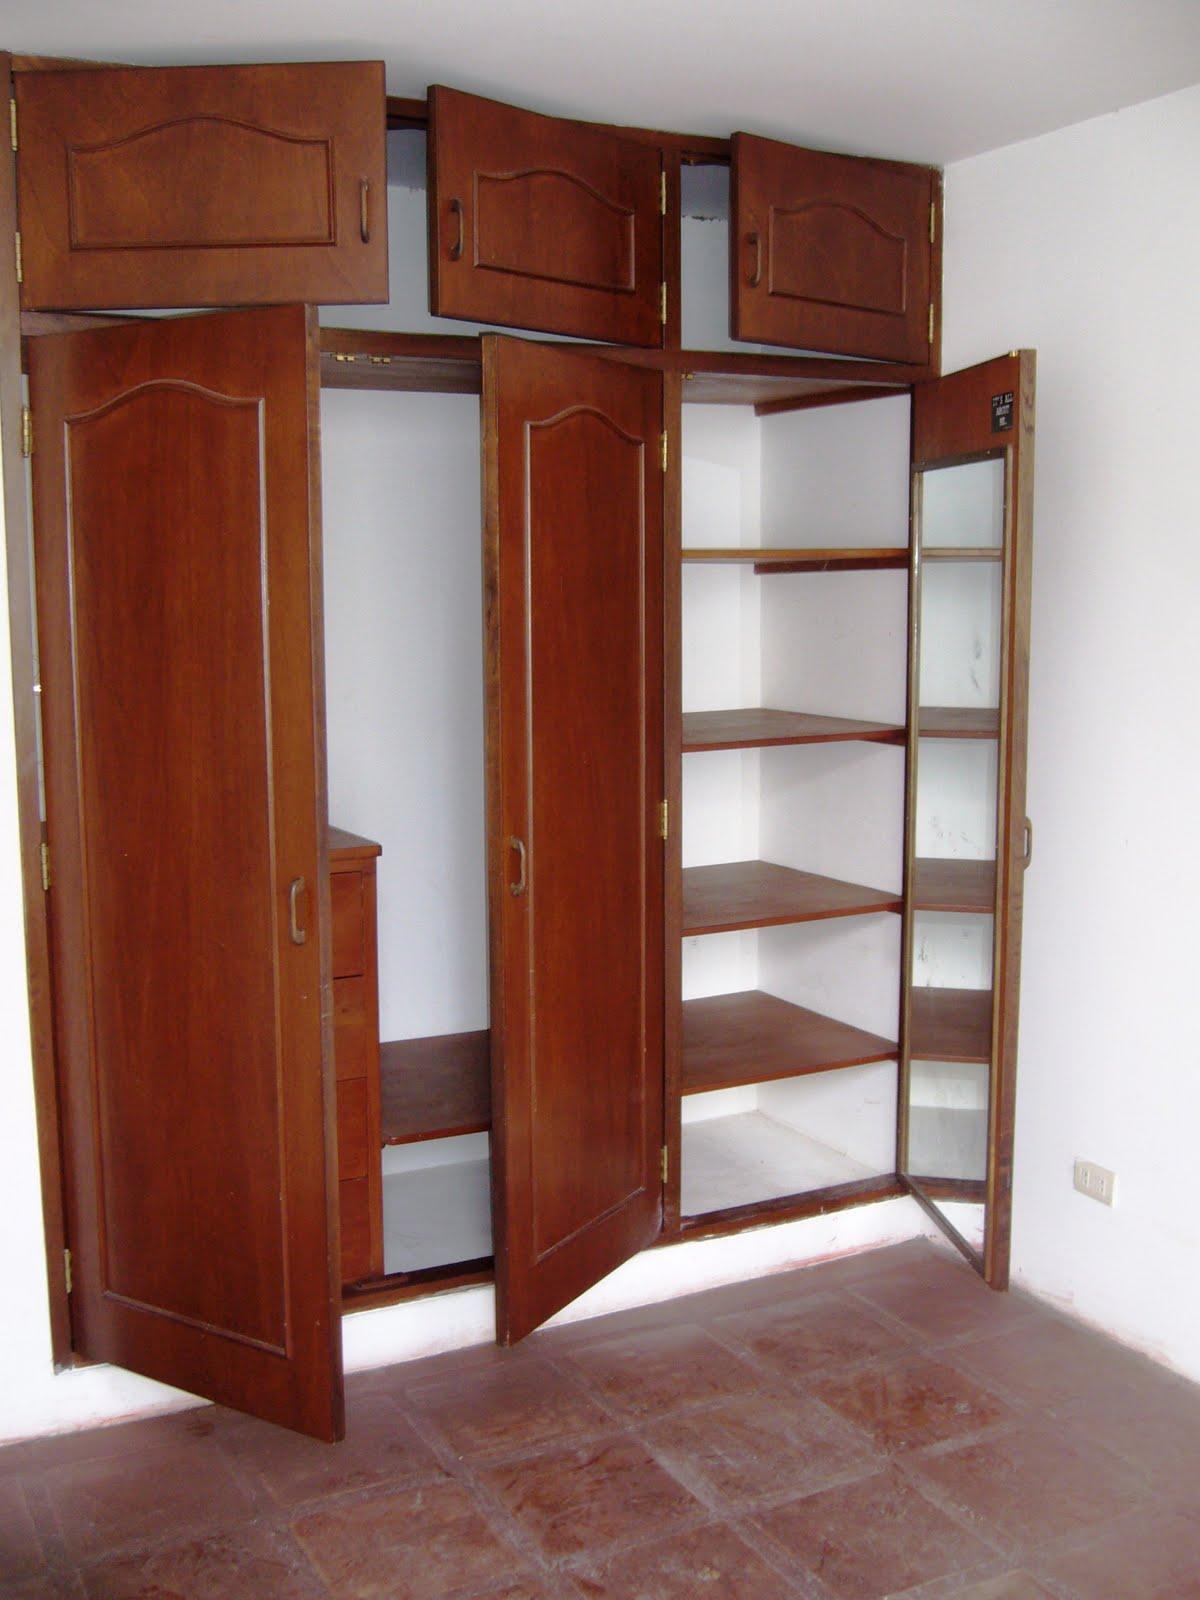 REMATE DE ACABADOS: Closet - Madera Cedro.